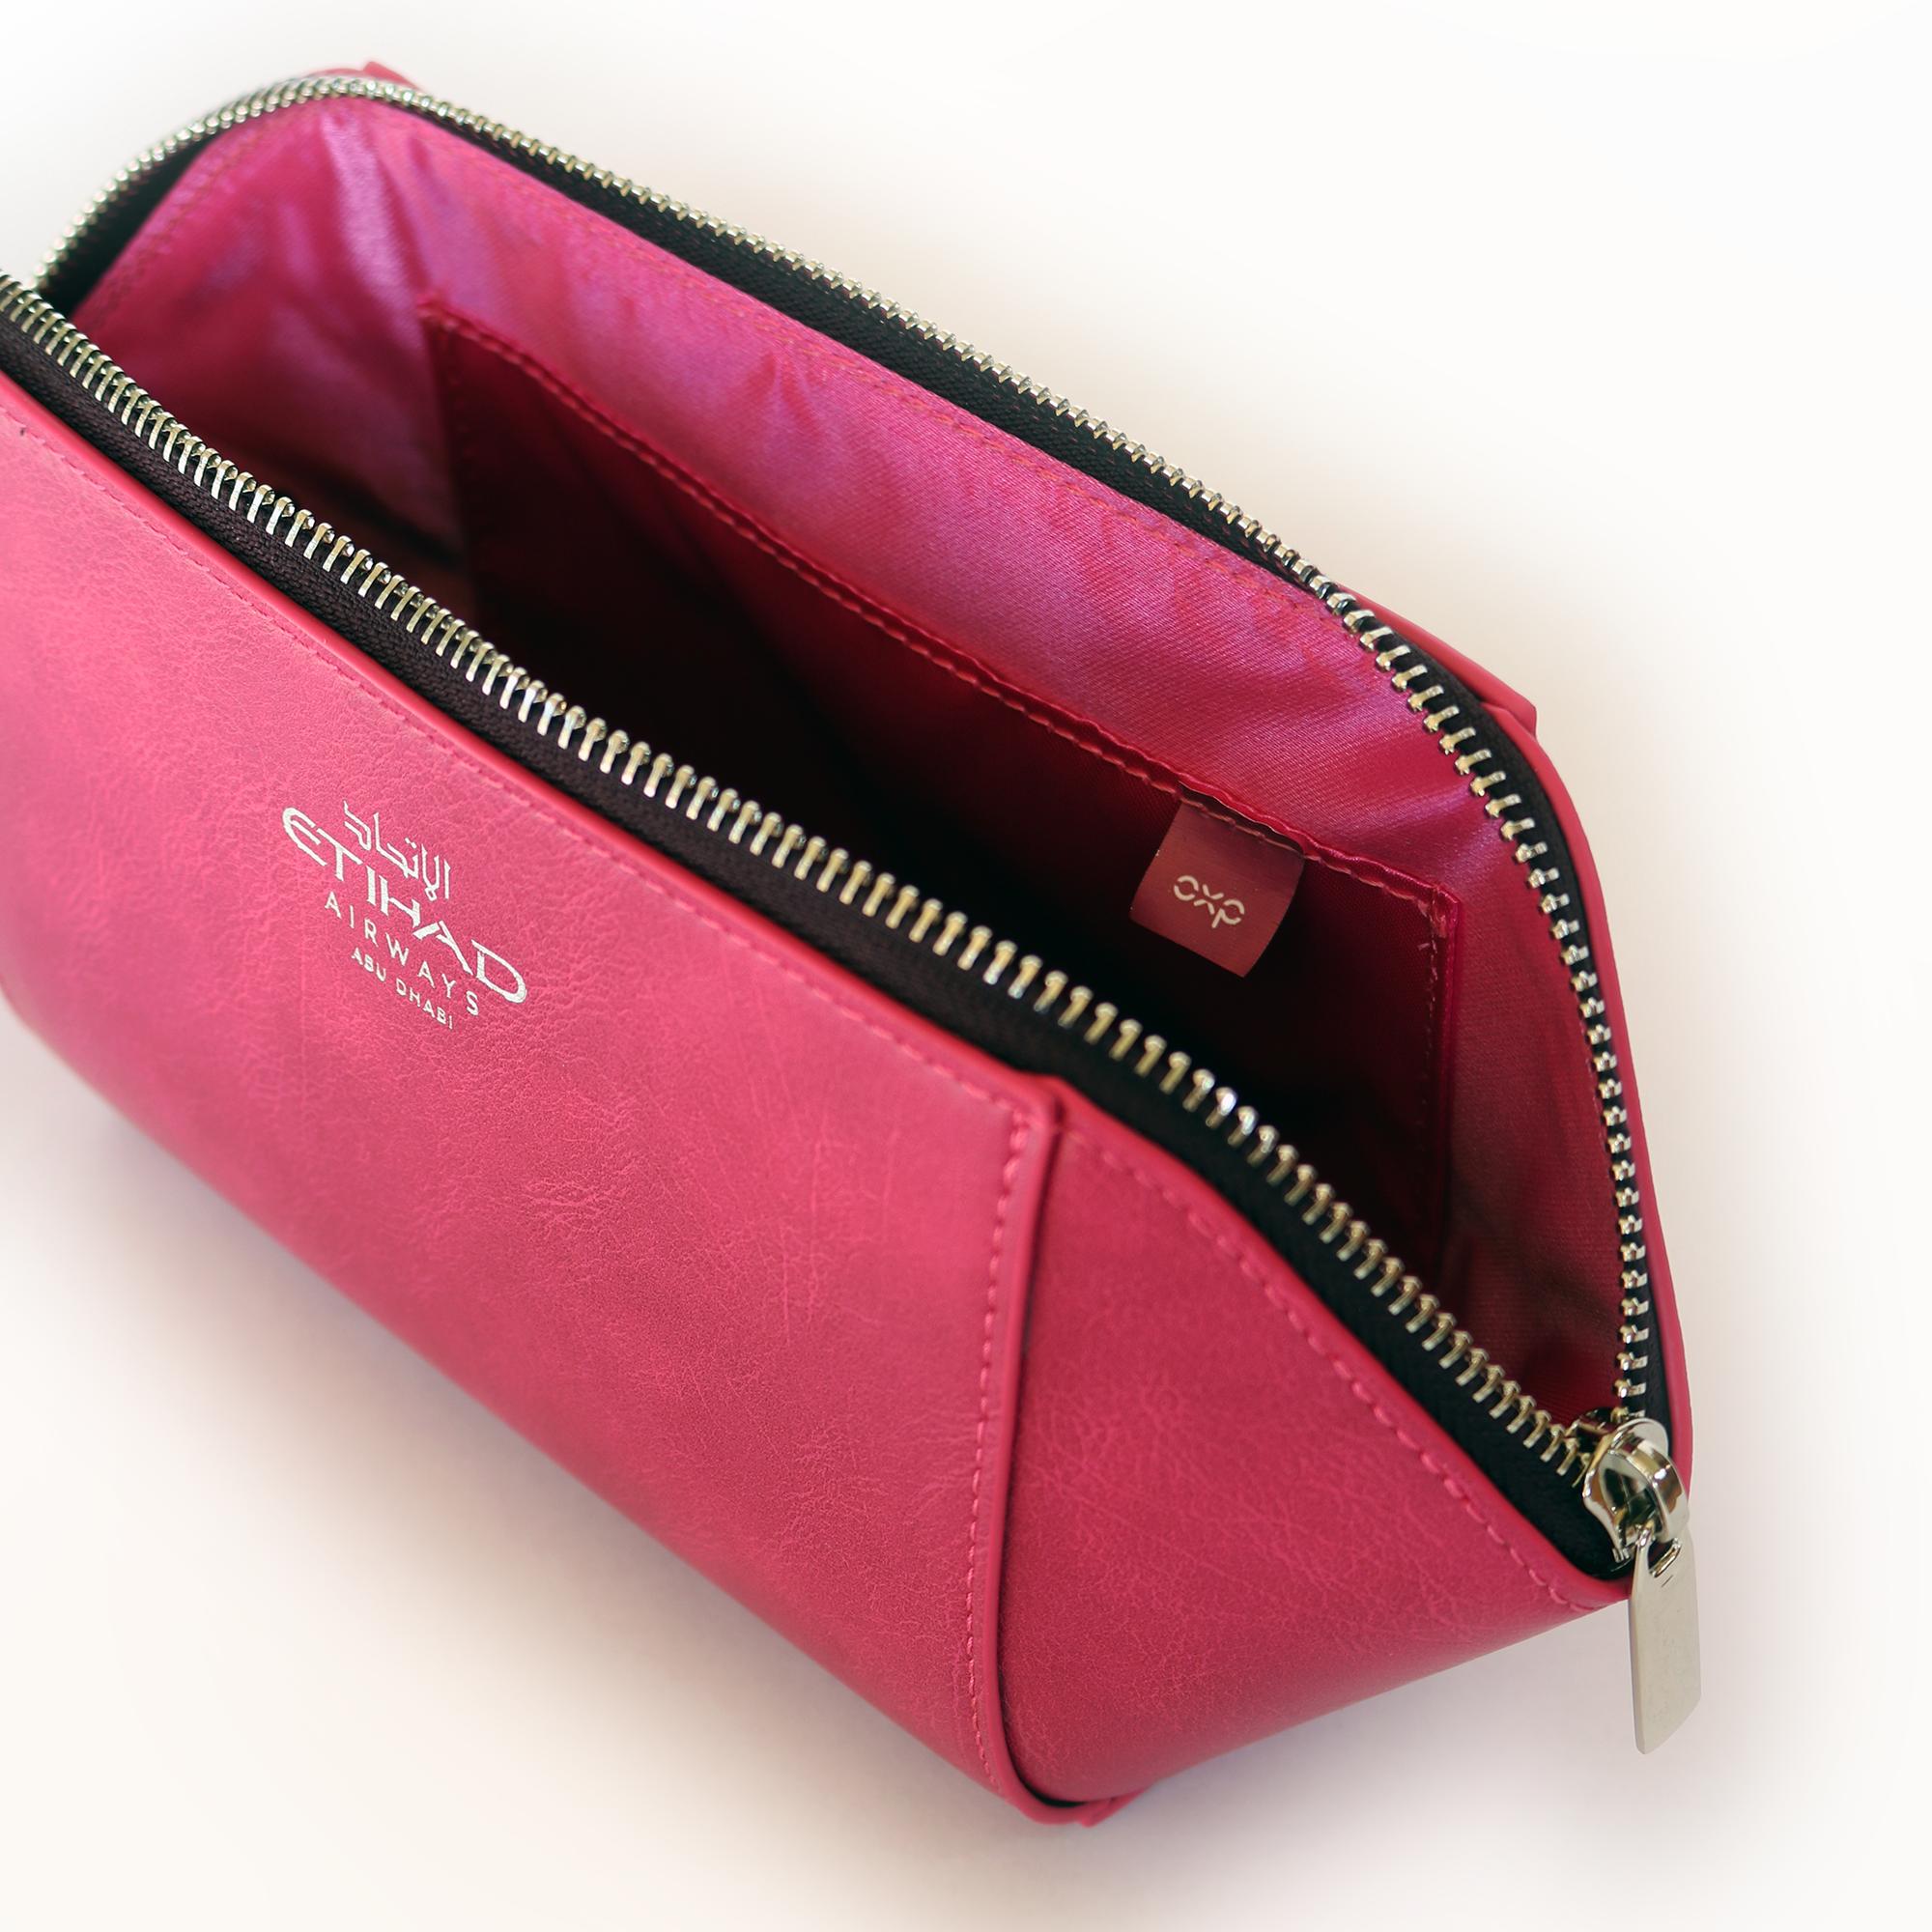 Premium amenity bag